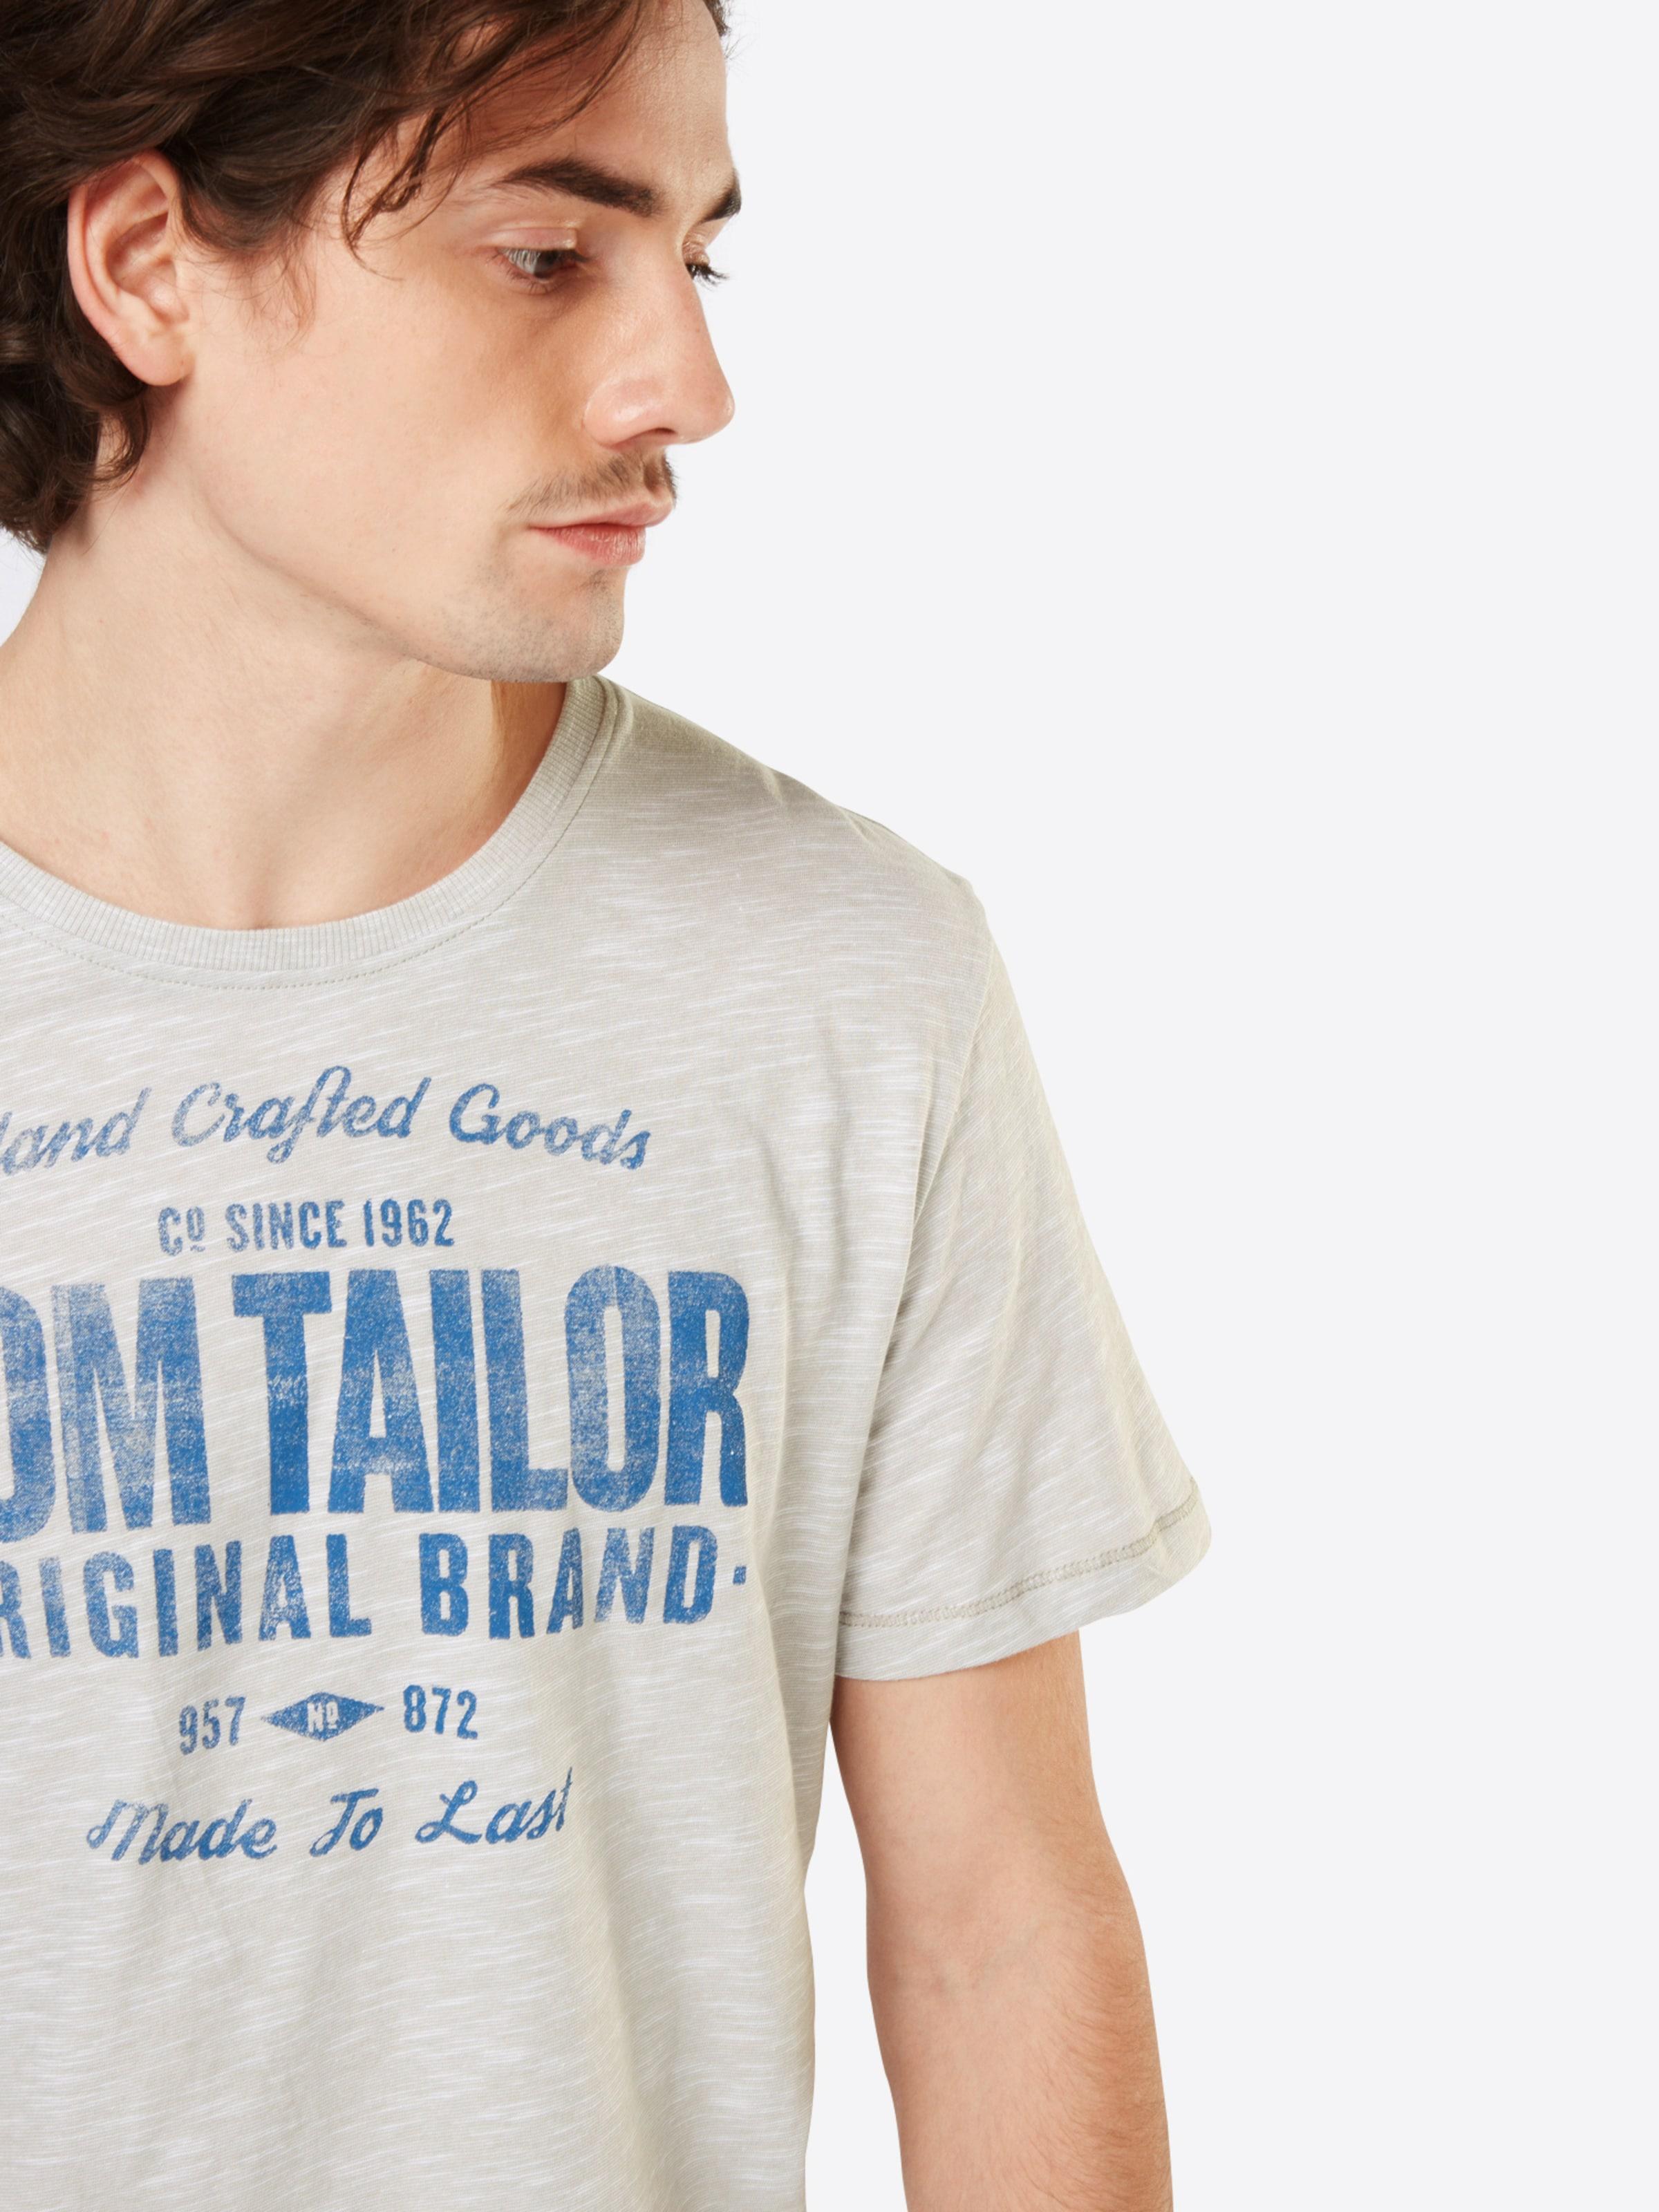 Aus Deutschland Günstig Online TOM TAILOR T-Shirt in Flammgarn-Optik Freies Verschiffen Schnelle Lieferung Freies Verschiffen Ebay ranDS4